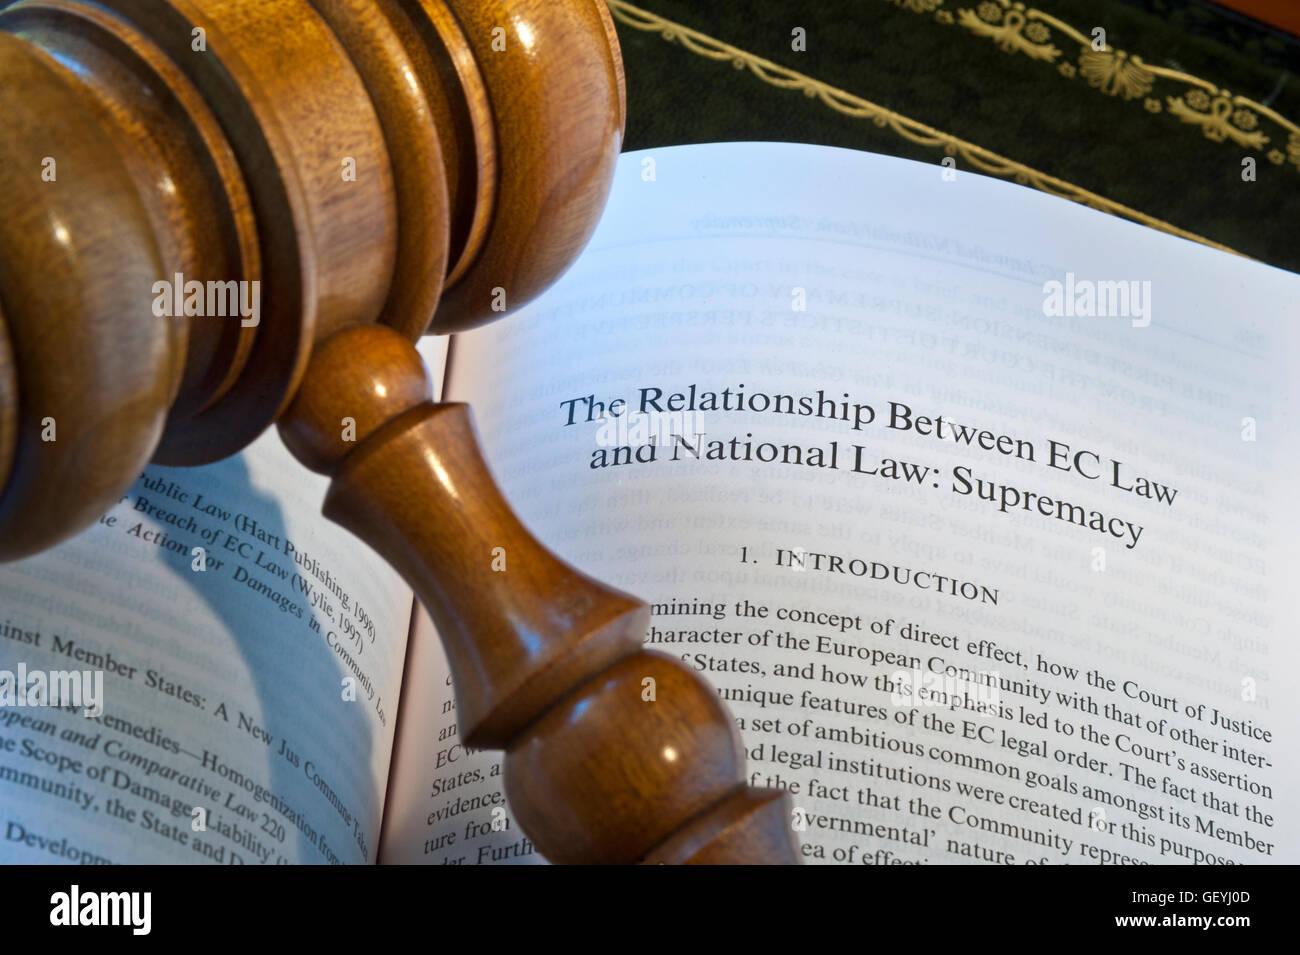 BREXIT Konzept Bild der offenen EU-Referenz Gesetz Buch auf dem Schreibtisch mit Richter Hammer auf Seite Verweis Stockbild